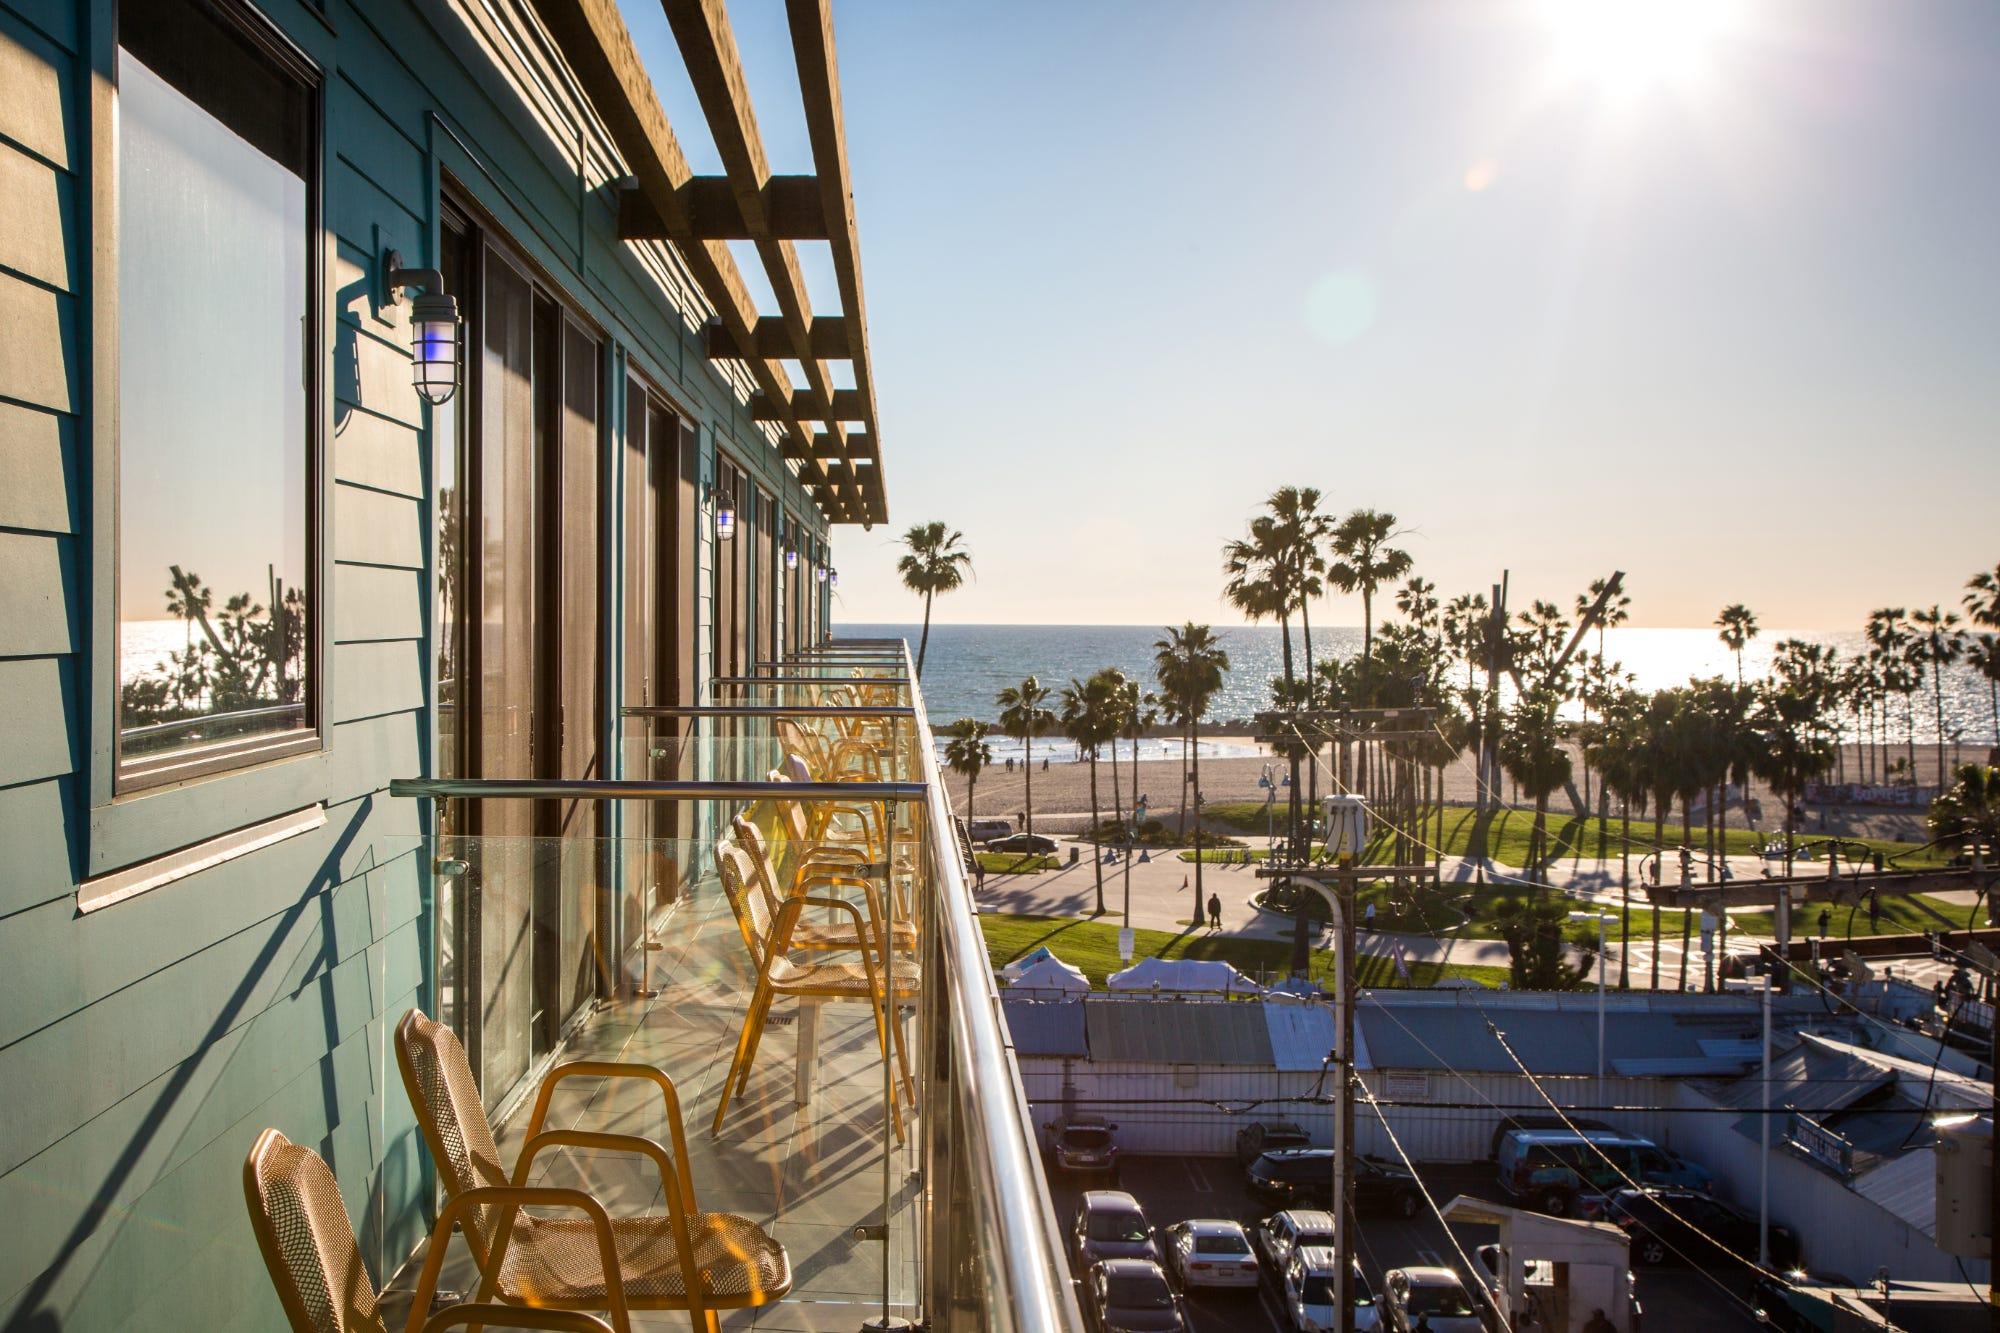 Los Angeles hotels: TripAdvisor's best value picks for November